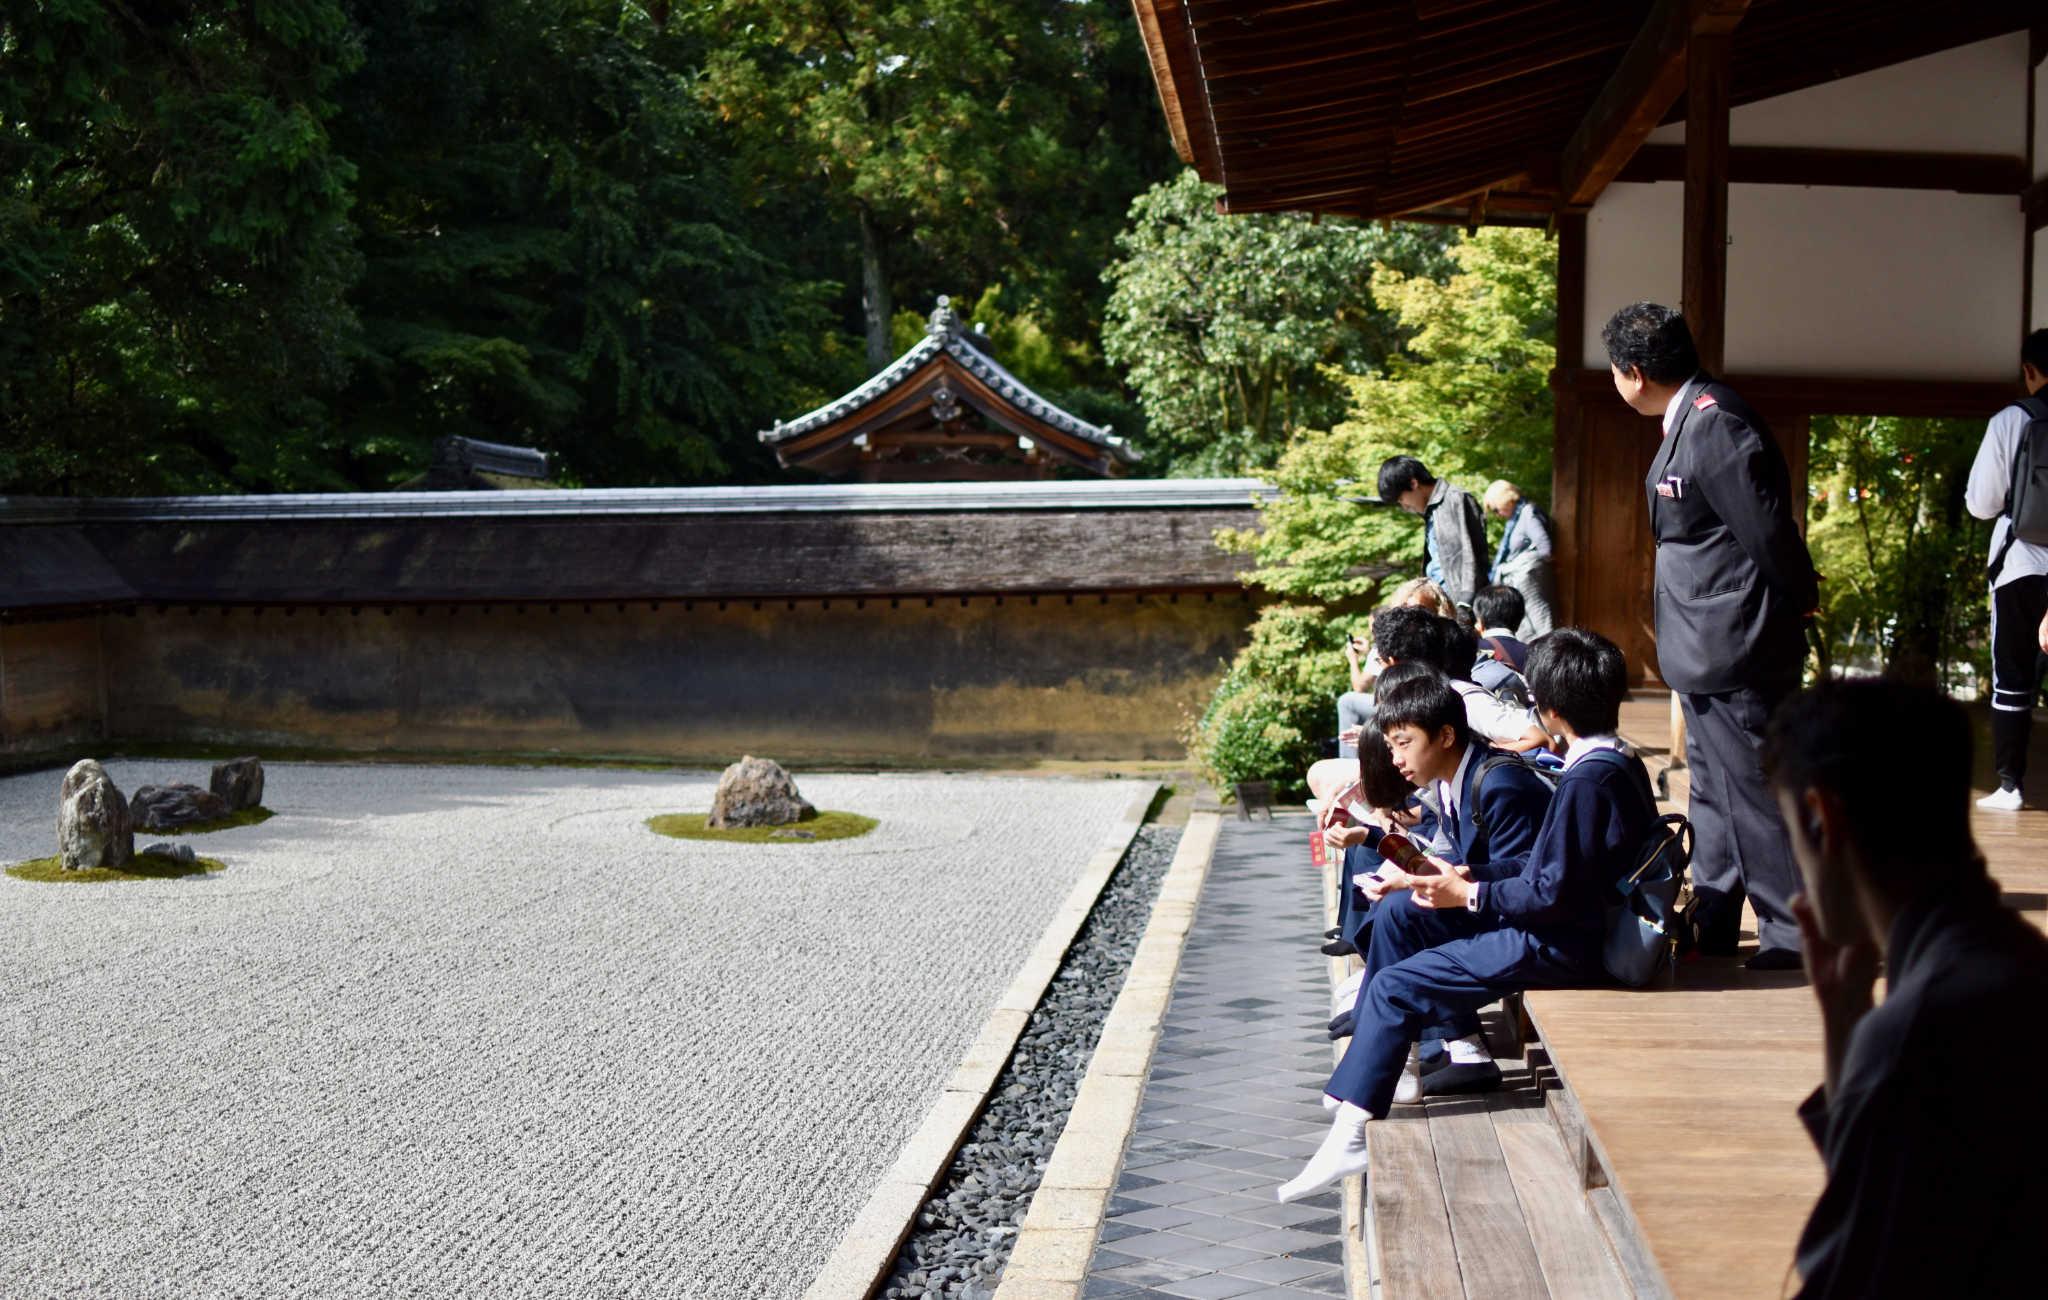 Des écoliers contemplent le jardin de pierres